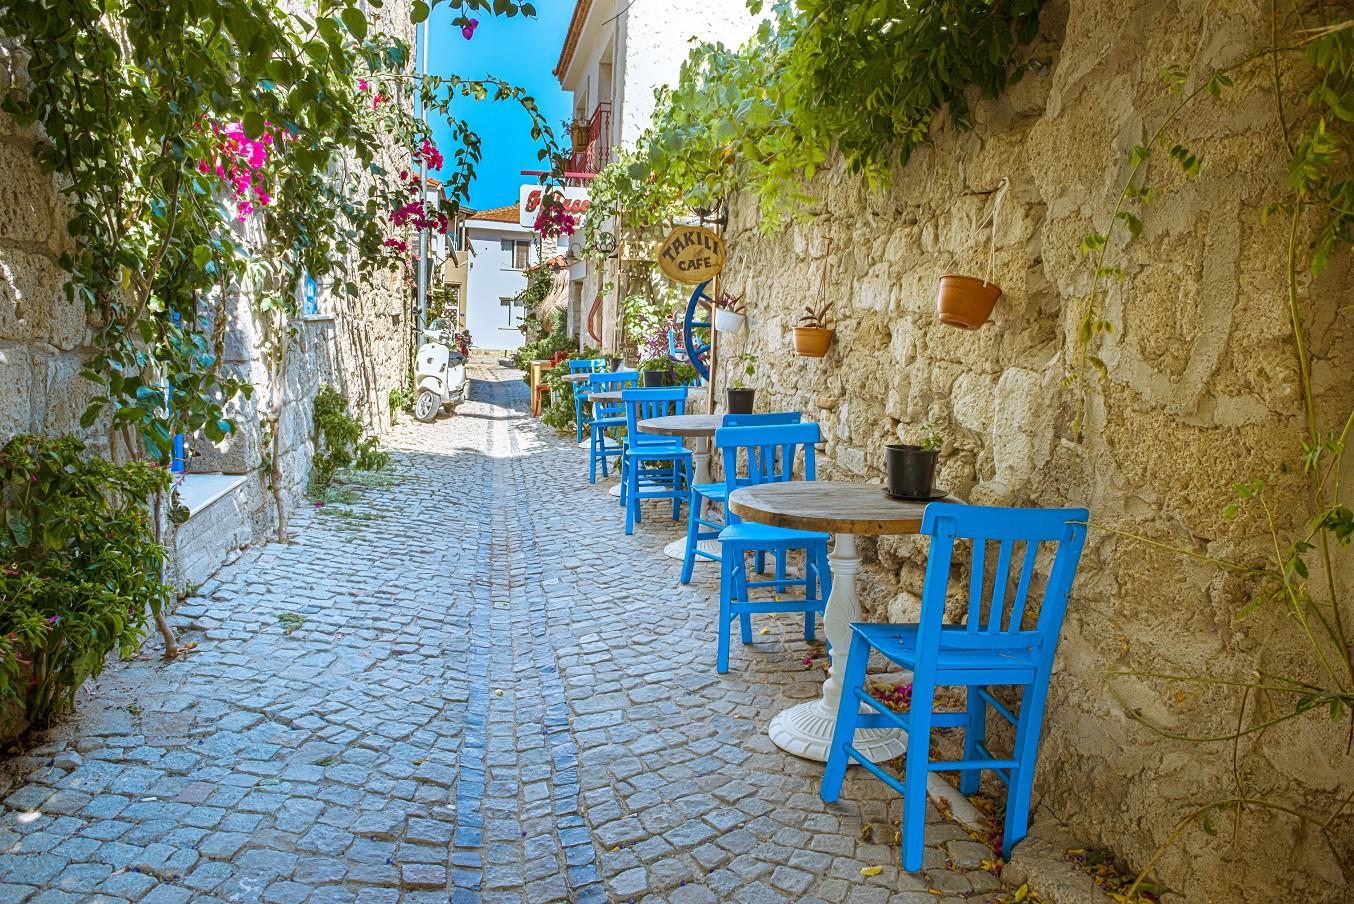 Yakınlığı nedeniyle karşılıklı seferlerin sık olduğu bir diğer ada ise Midilli. Yunan Adaları listesinin son sırasında ise Thassos yer alıyor. Ege'nin kuzeyindeki bu kara parçası keyifli vakit geçirebileceğiniz doğa sporlarına uygun coğrafi çeşitliliği barındırıyor. (Fotoğraf: Çeşme)